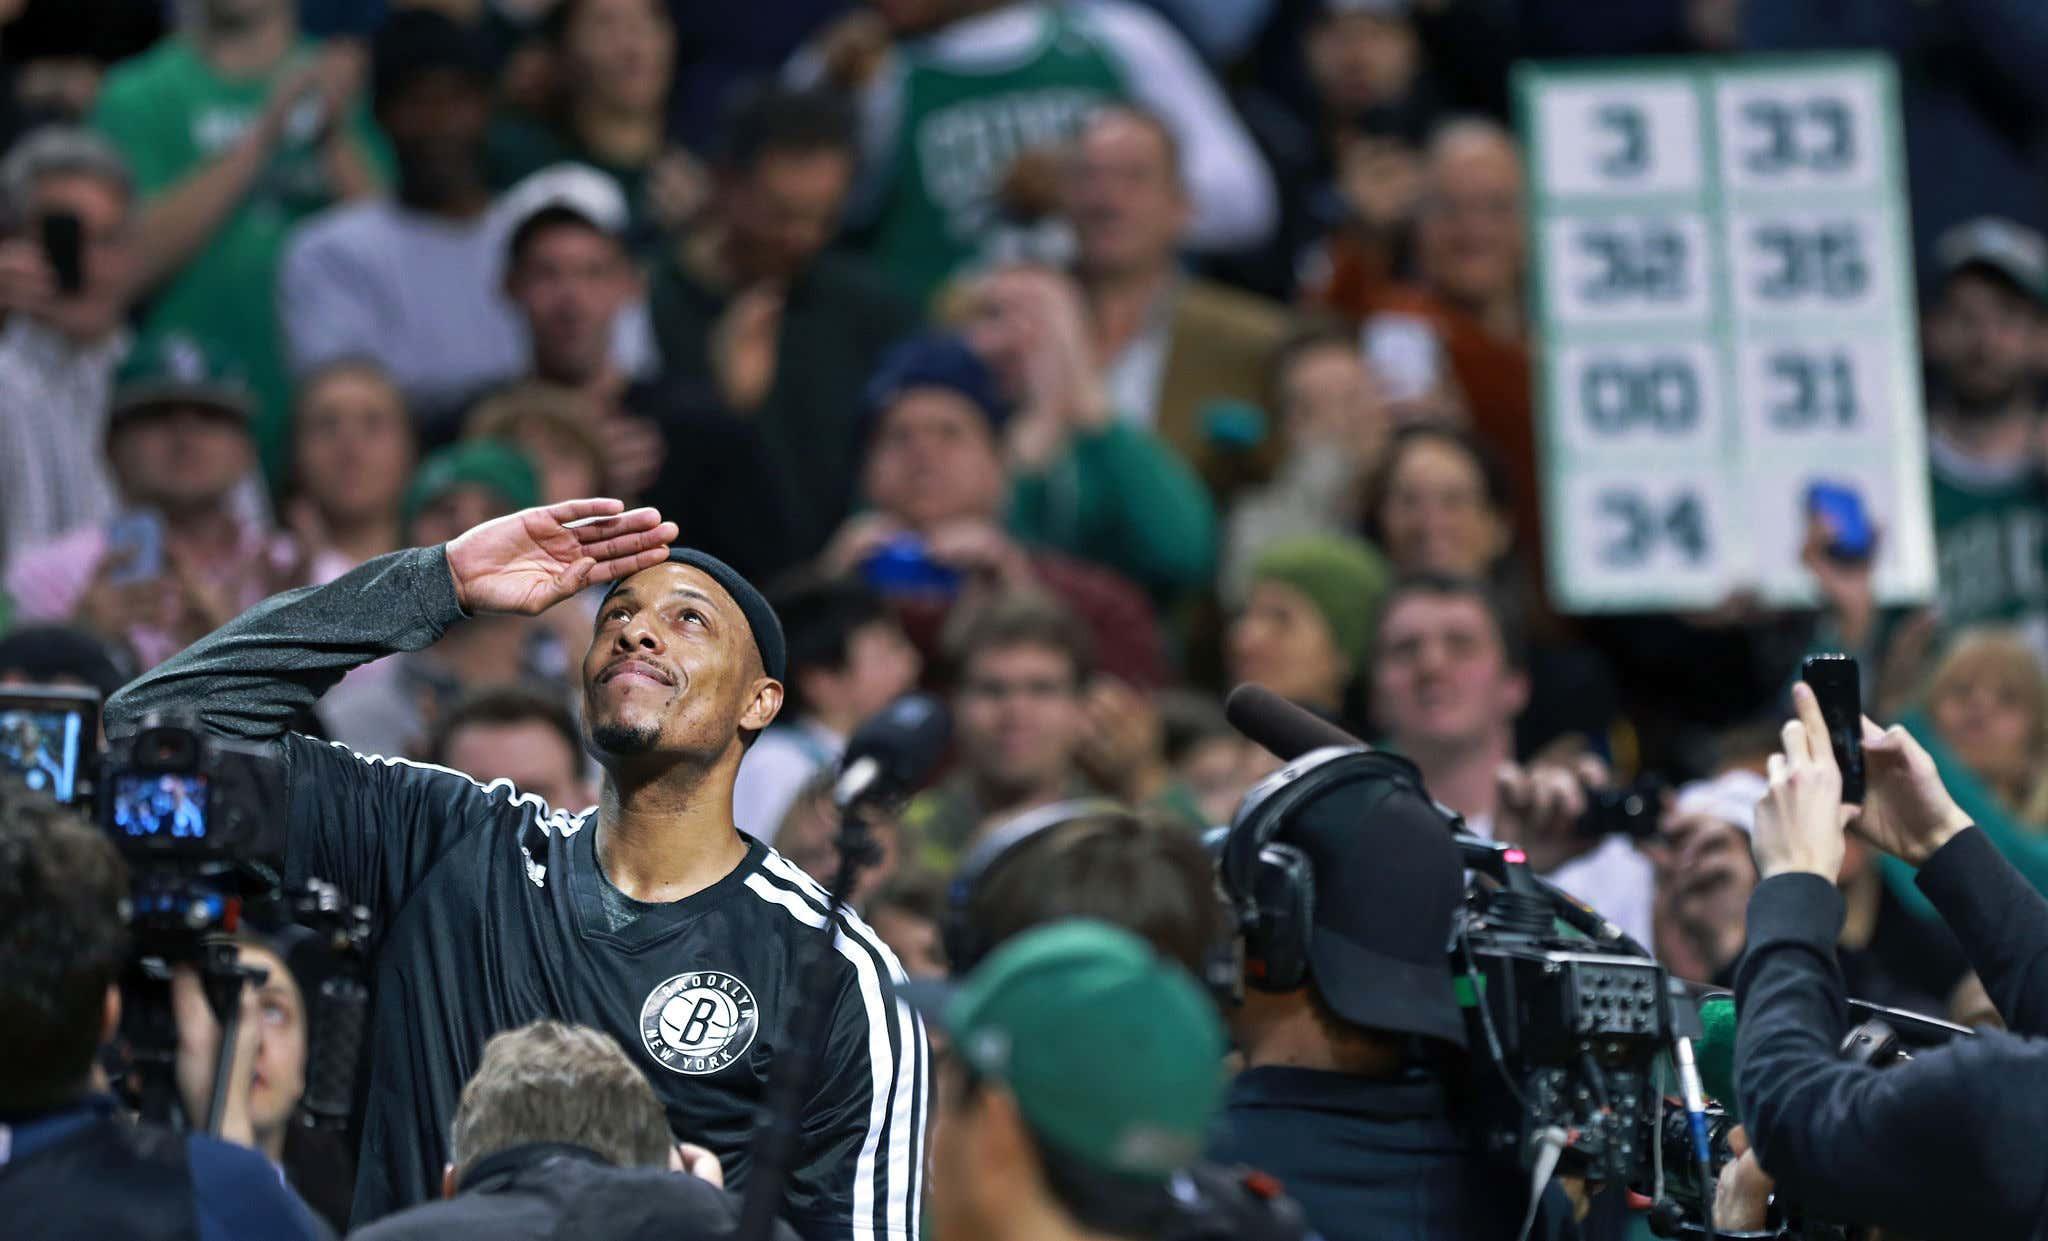 Brooklyn Nets Vs. Boston Celtics At TD Garden